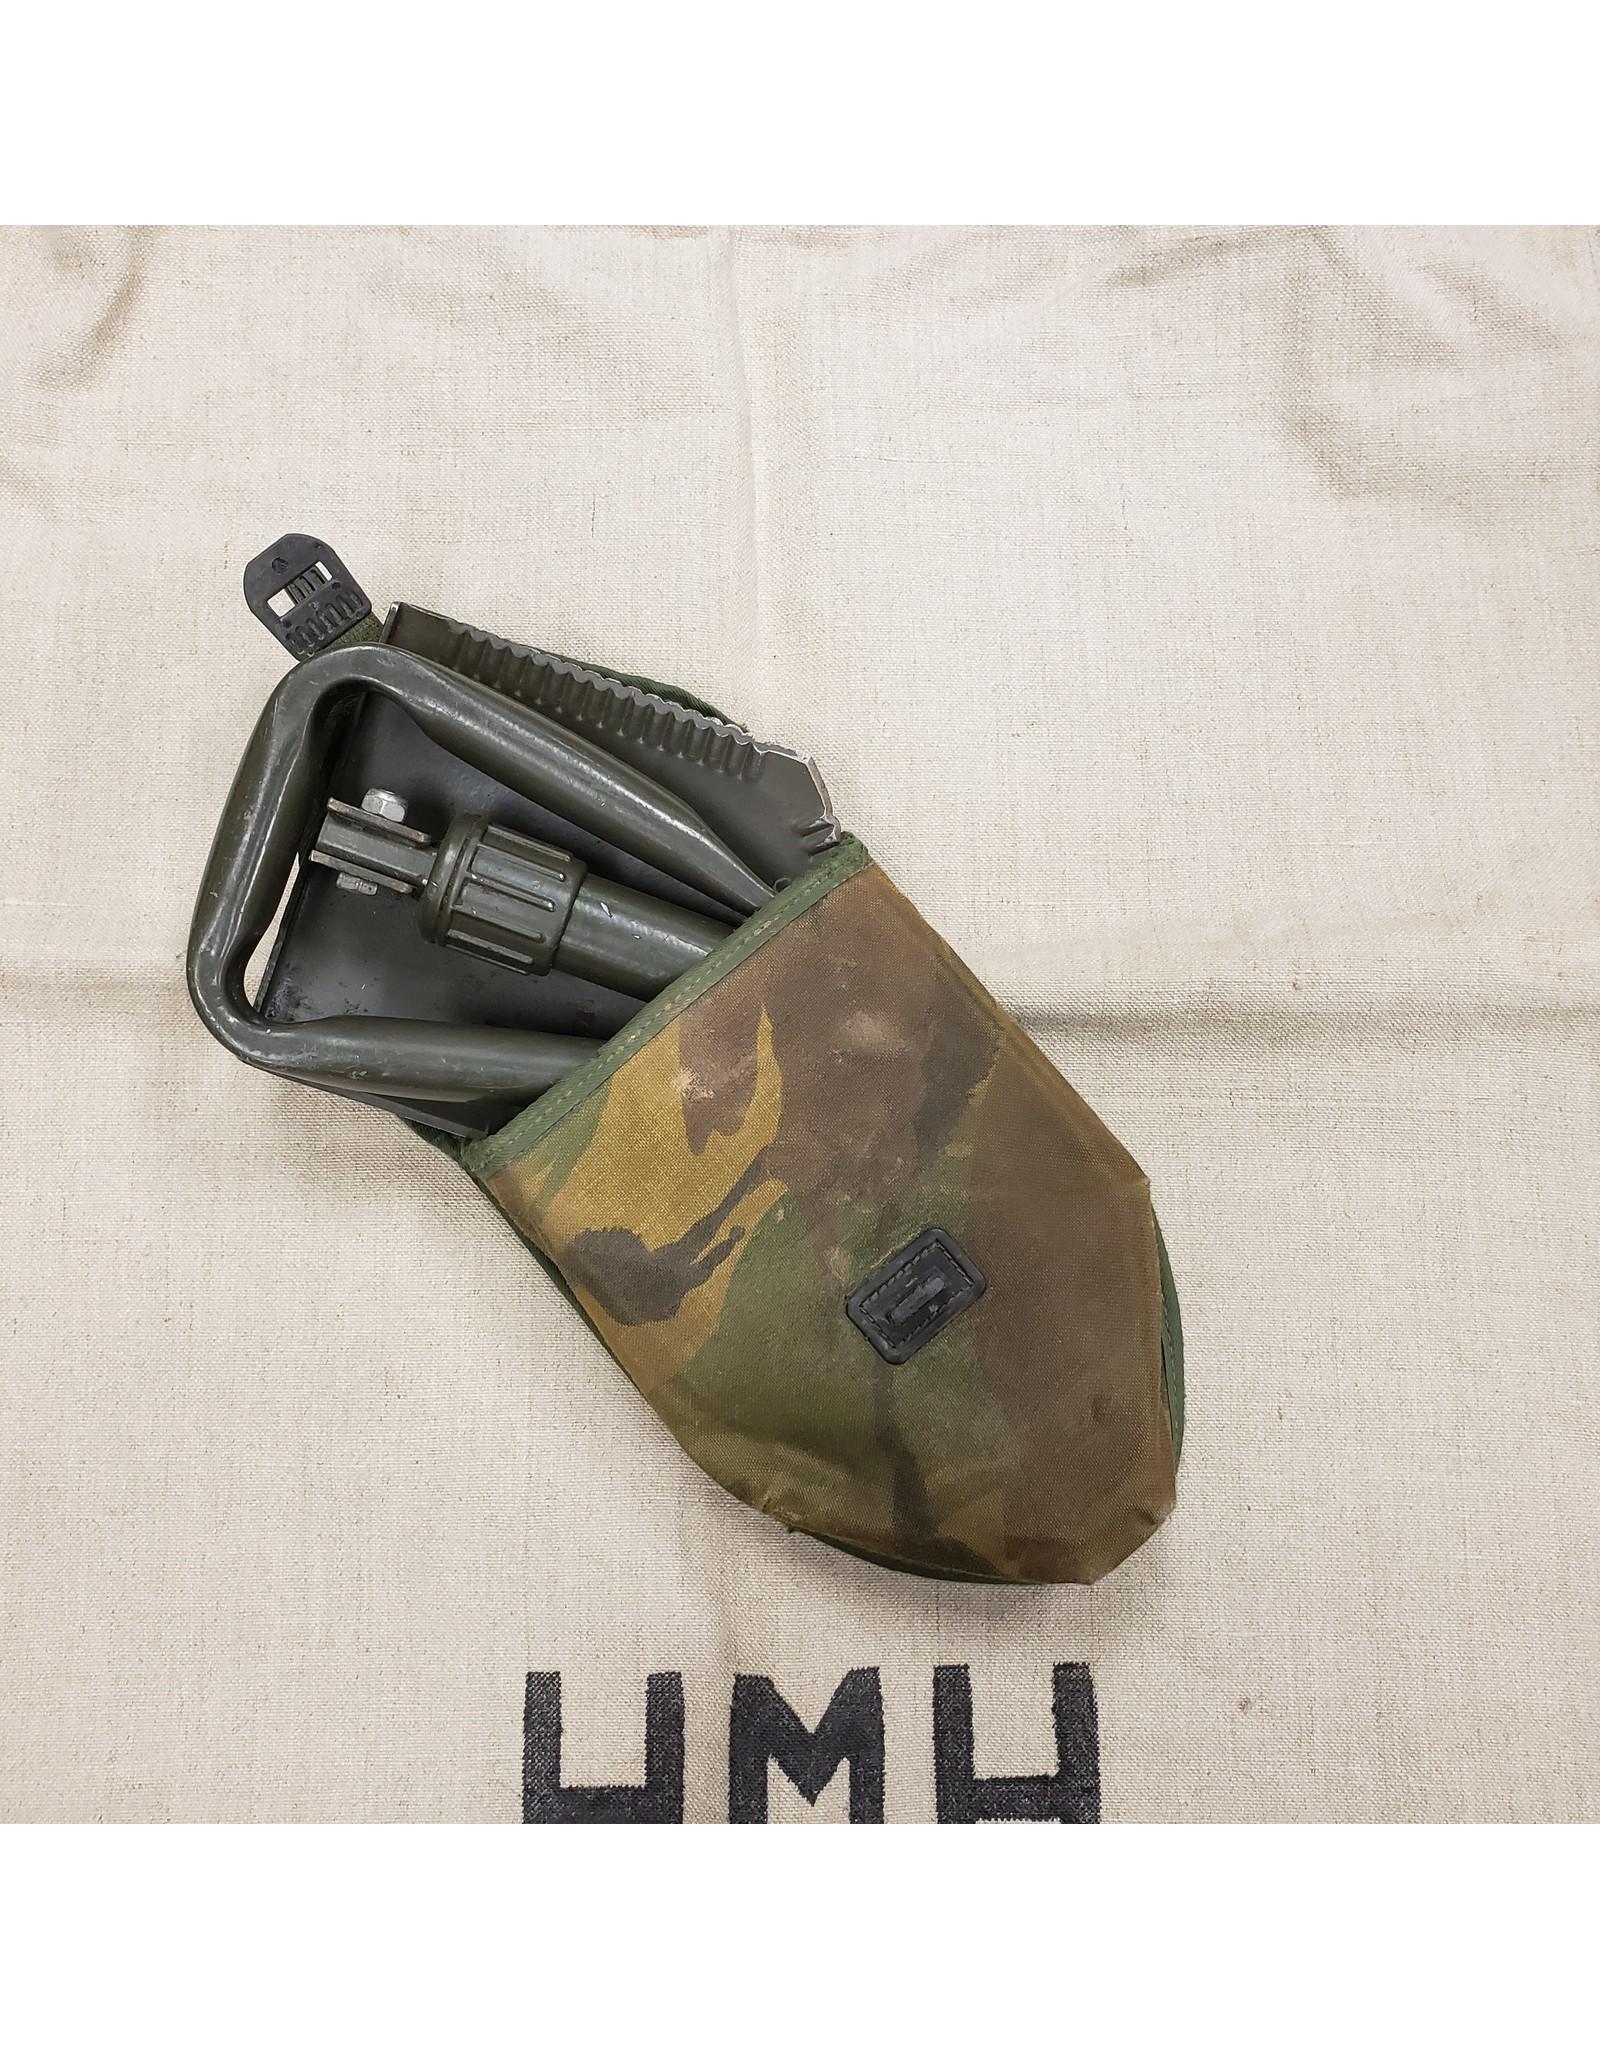 STURM MILSPEC DUTCH TRI-FOLD SHOVEL USED